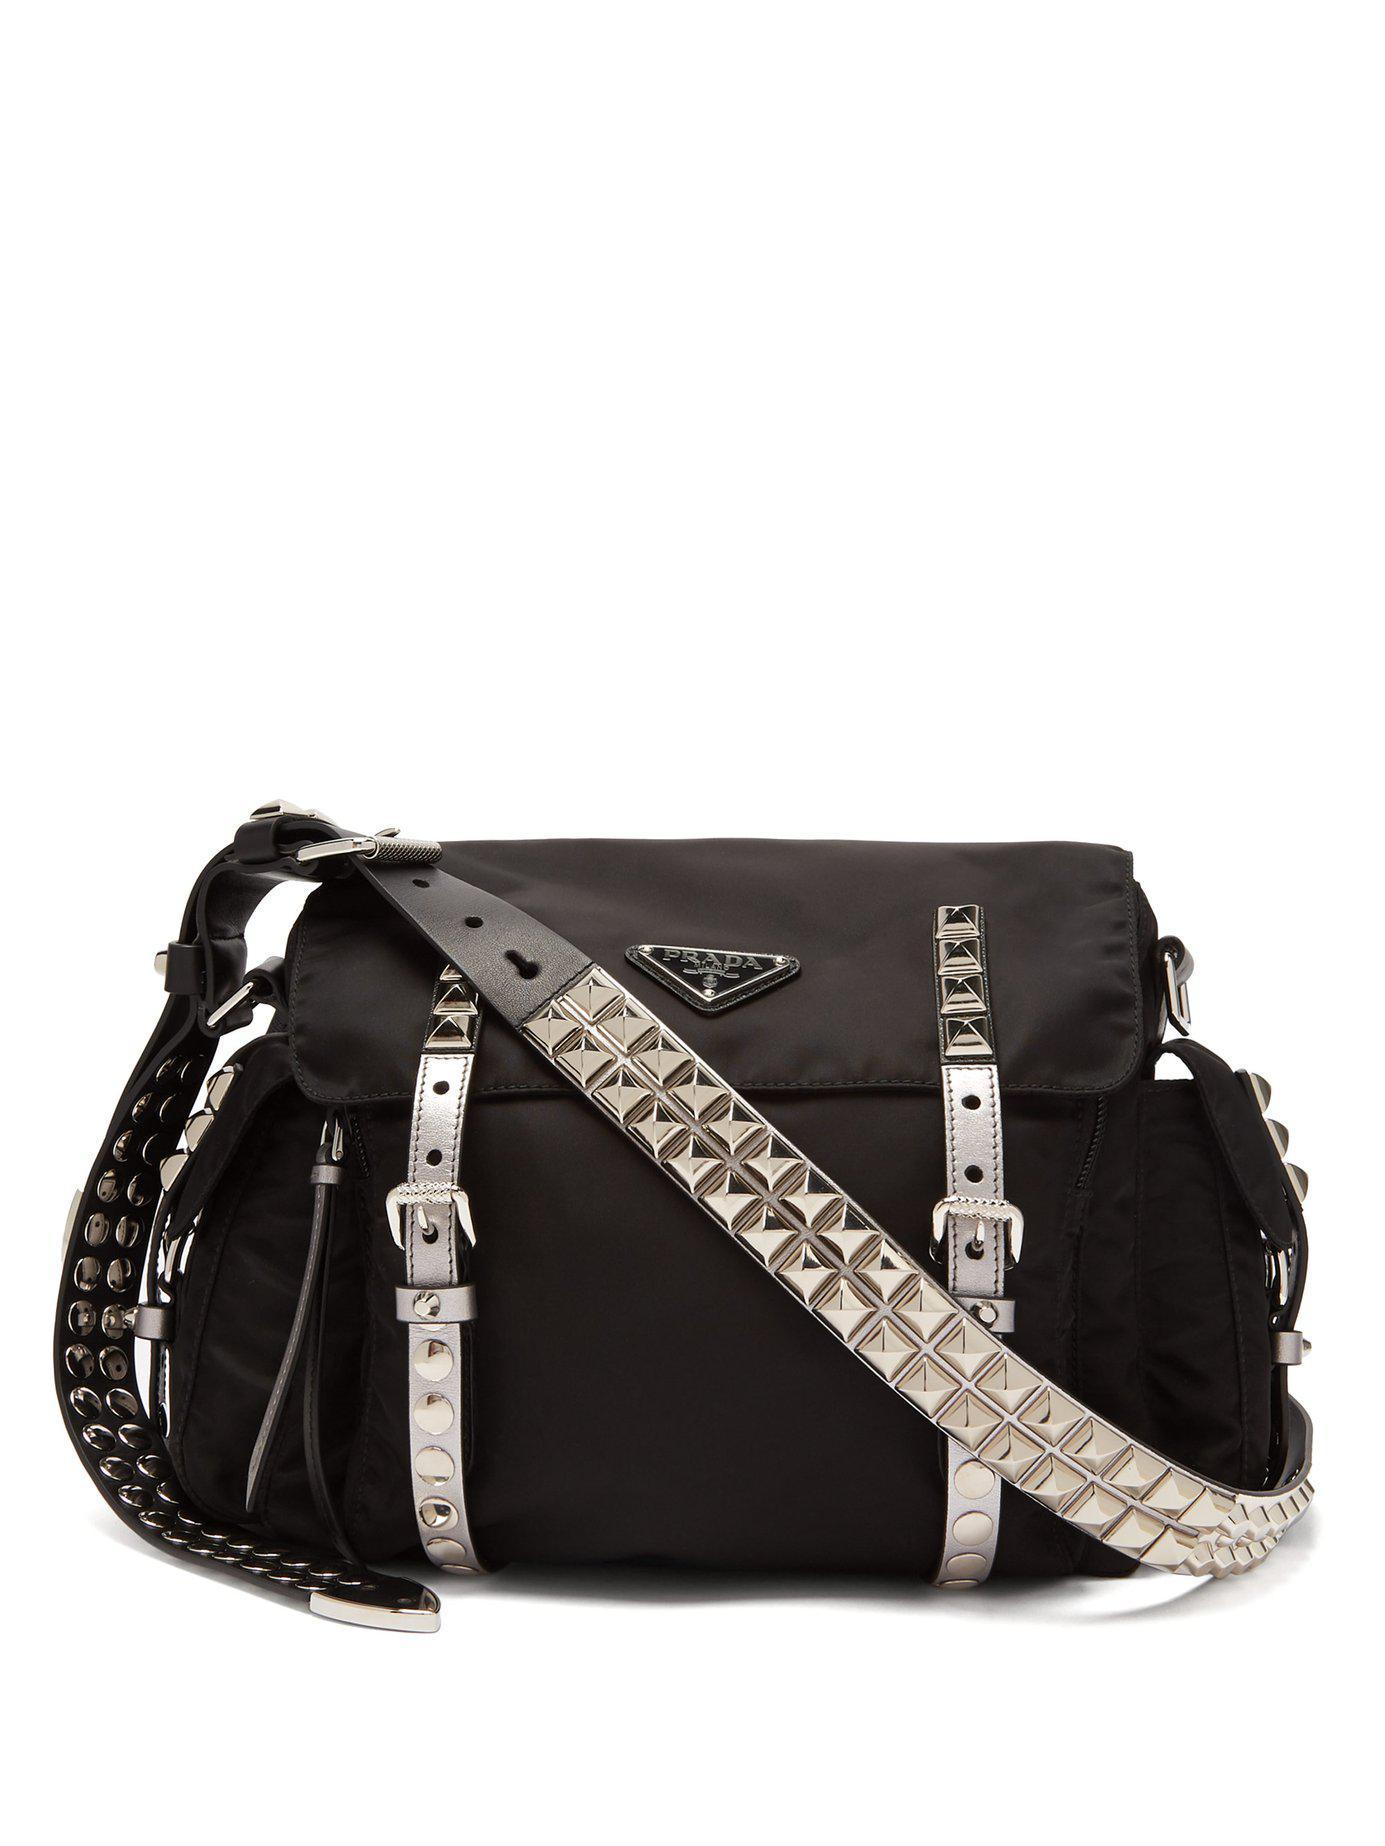 8835ed490062 Prada New Vela Leather Trimmed Cross Body Bag in Black - Lyst